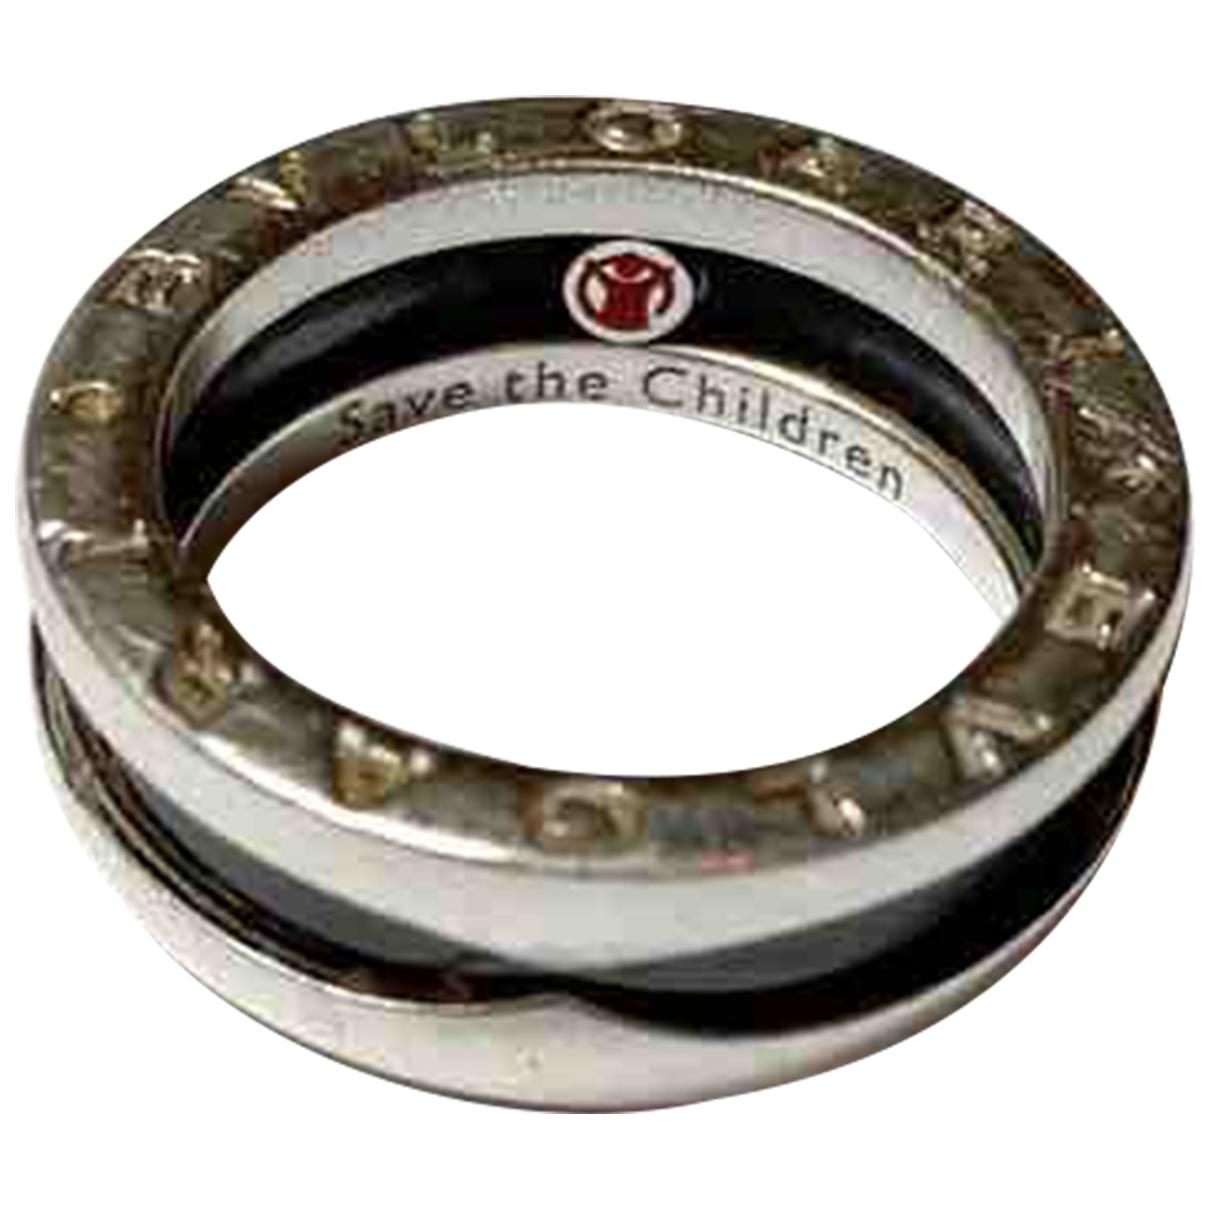 Bvlgari - Bague Save The Children pour femme en argent - noir